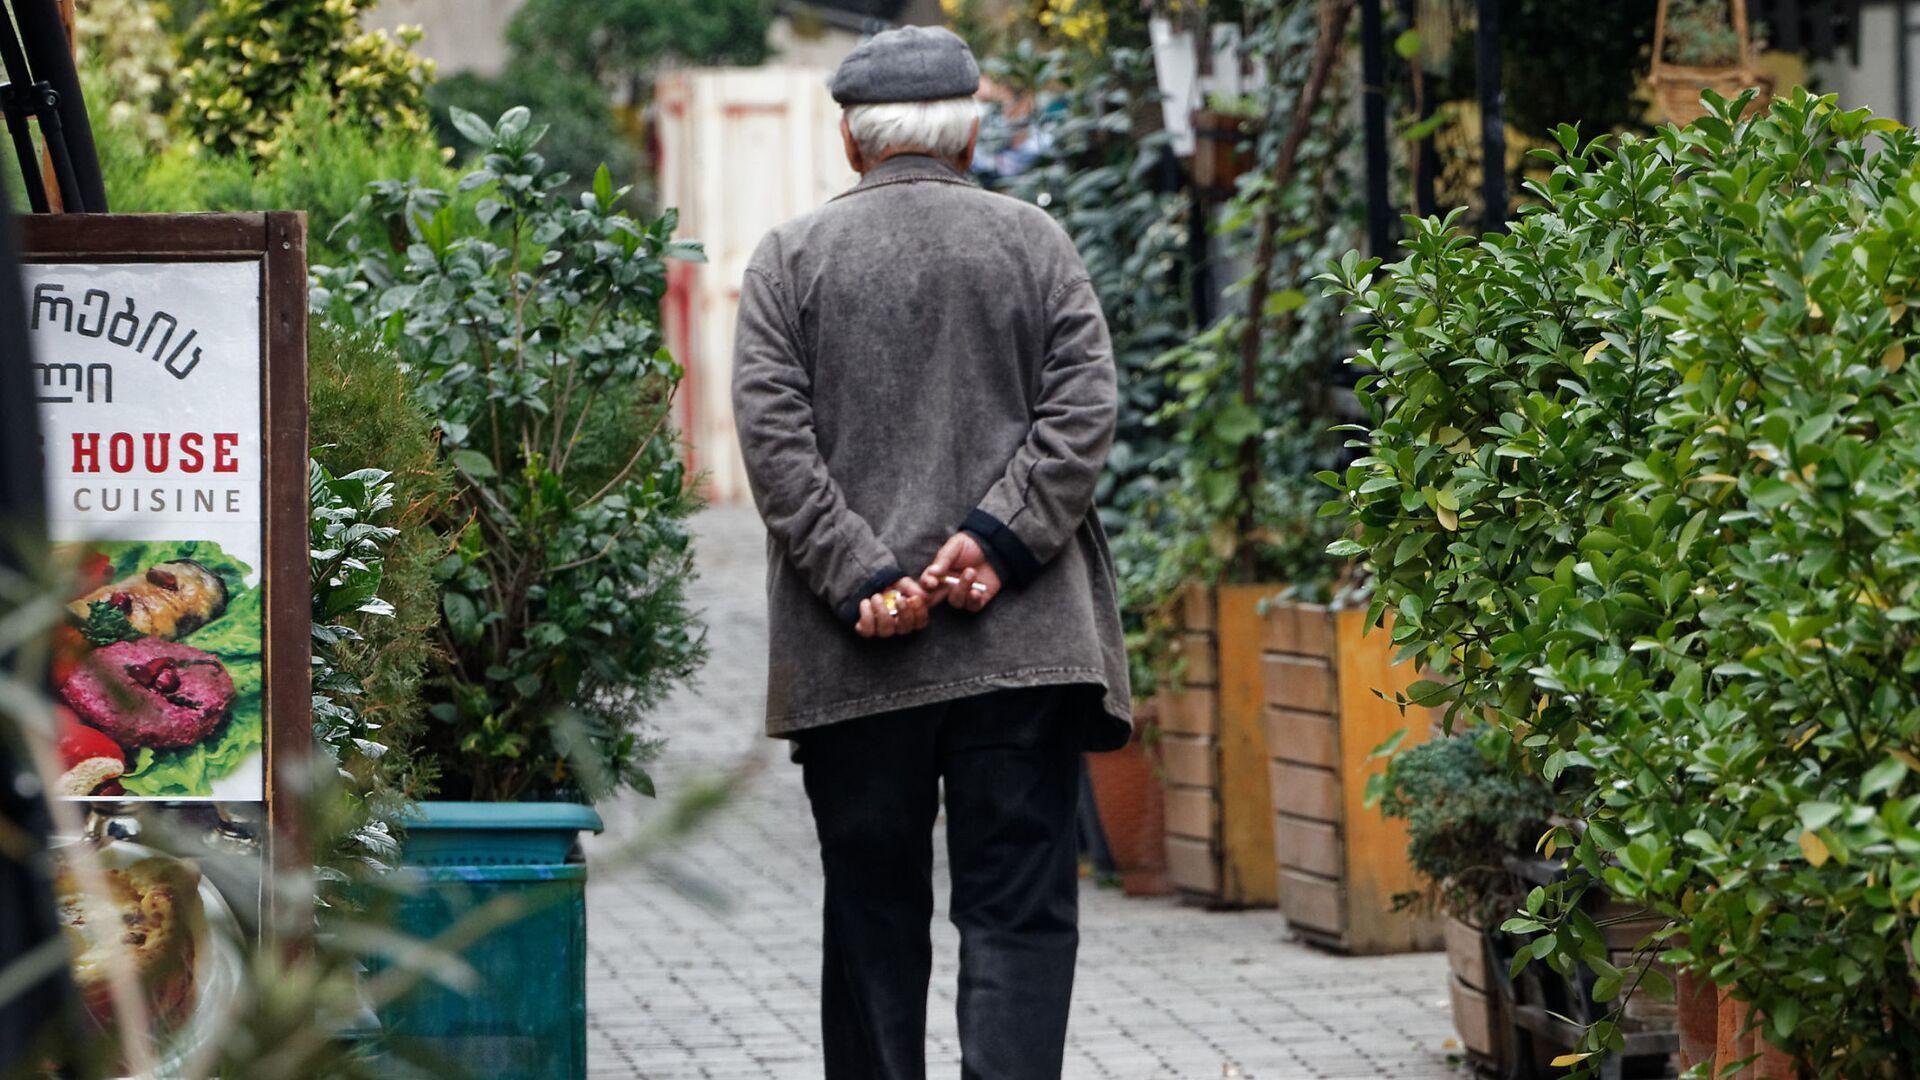 Пенсионер идет по улице мимо закрытых кафе и ресторанов - Sputnik Грузия, 1920, 06.10.2021